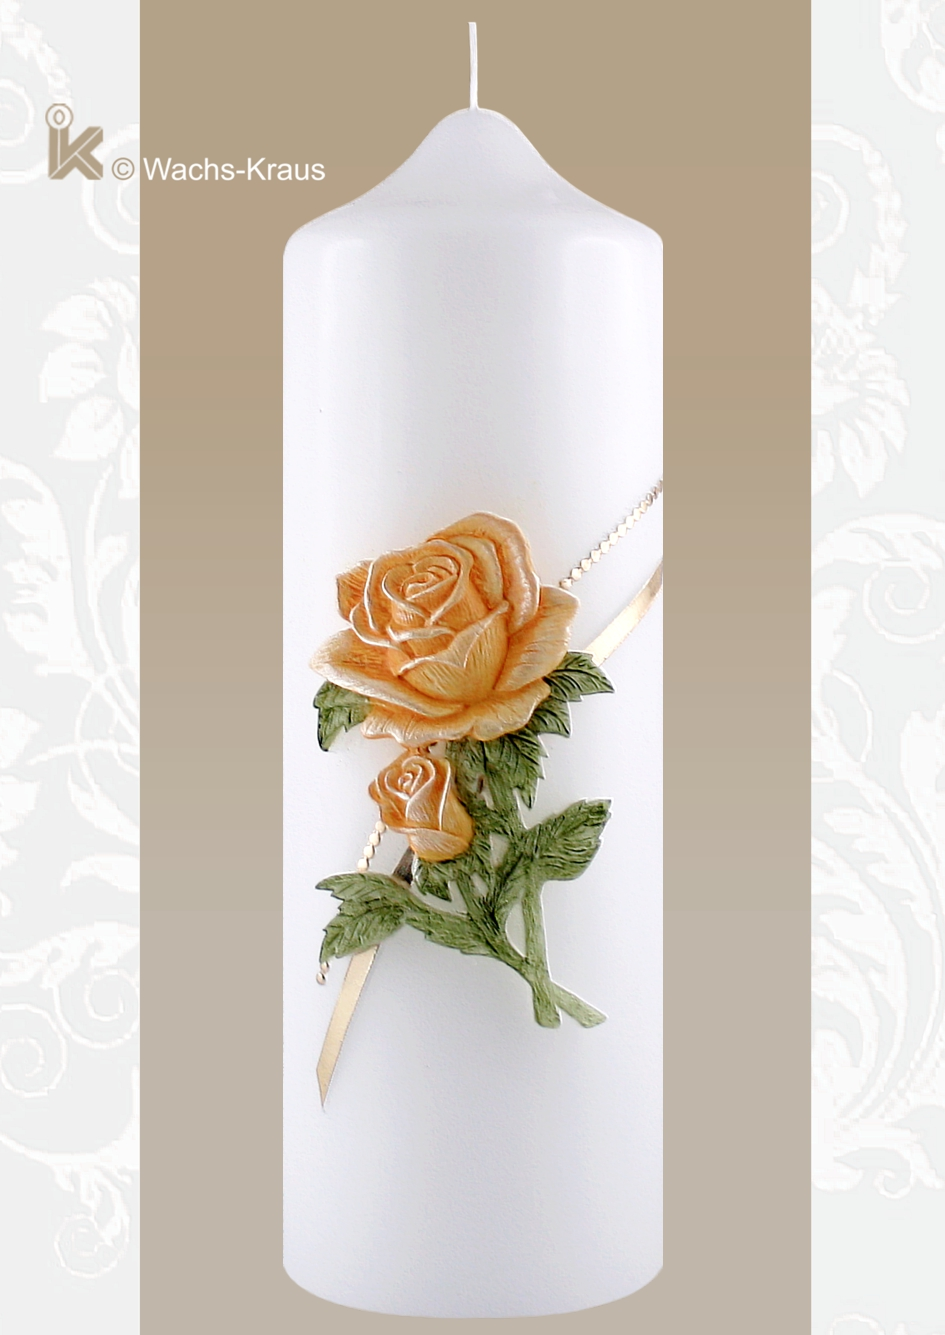 Wunderbar plastisch modellierte und aus Wachs gegossene Rosen mit Blättern, dazu eine fein abgestimmte goldene Verzierung, sehr fein von Hand bemalt.